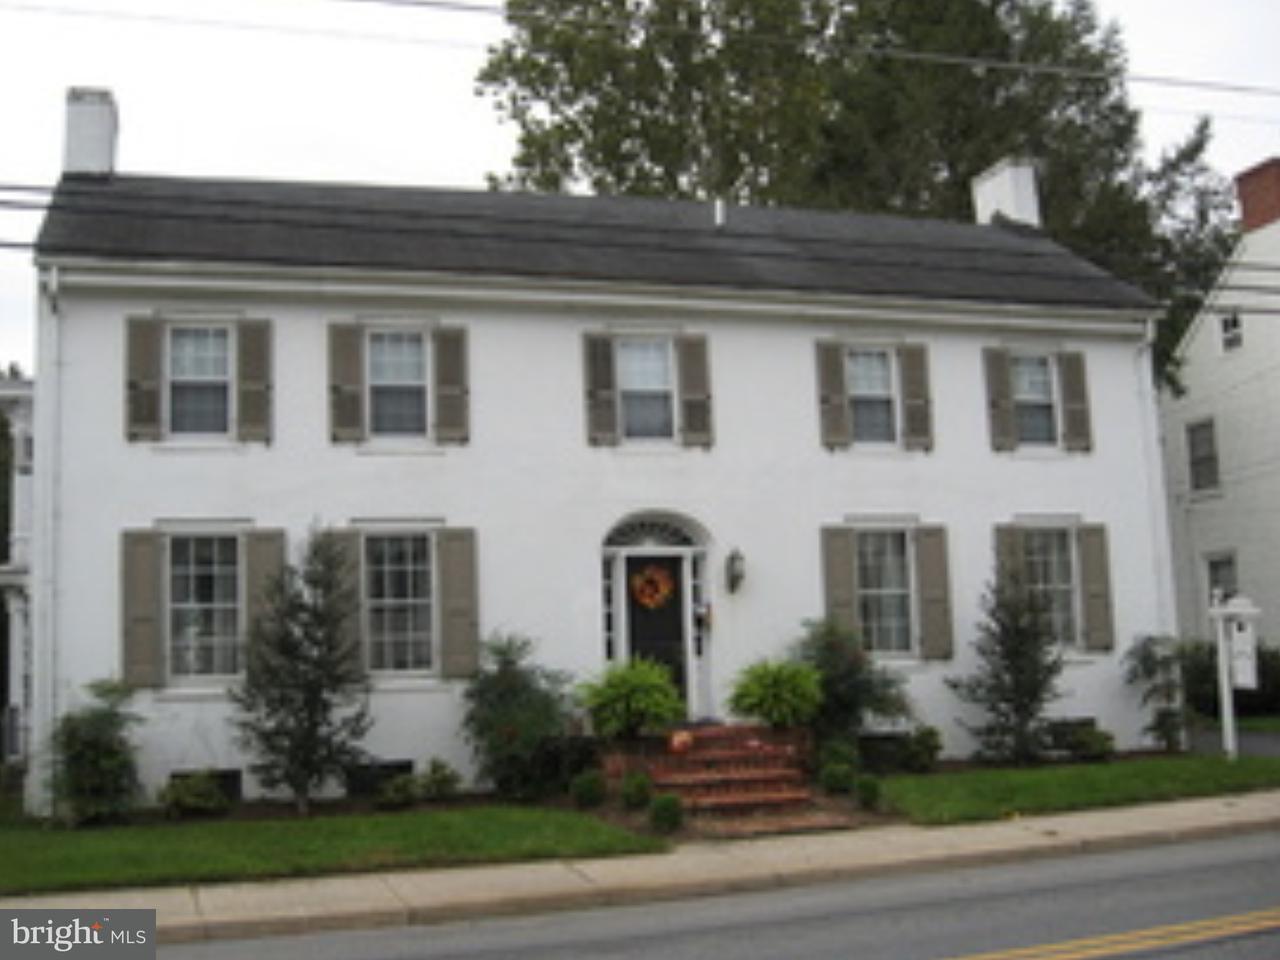 一戸建て のために 売買 アット 228 E CAMDEN WYOMING Avenue Camden, デラウェア 19934 アメリカ合衆国